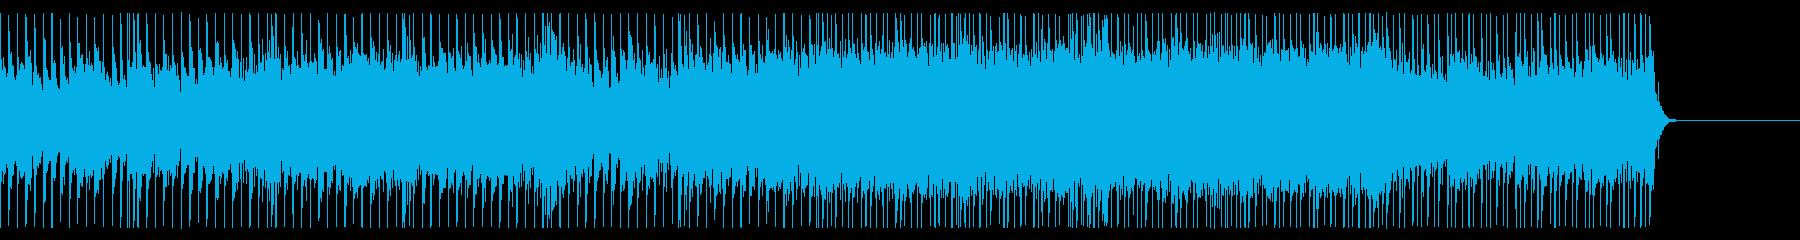 パワー感のあるSFチックな工場系BGMの再生済みの波形